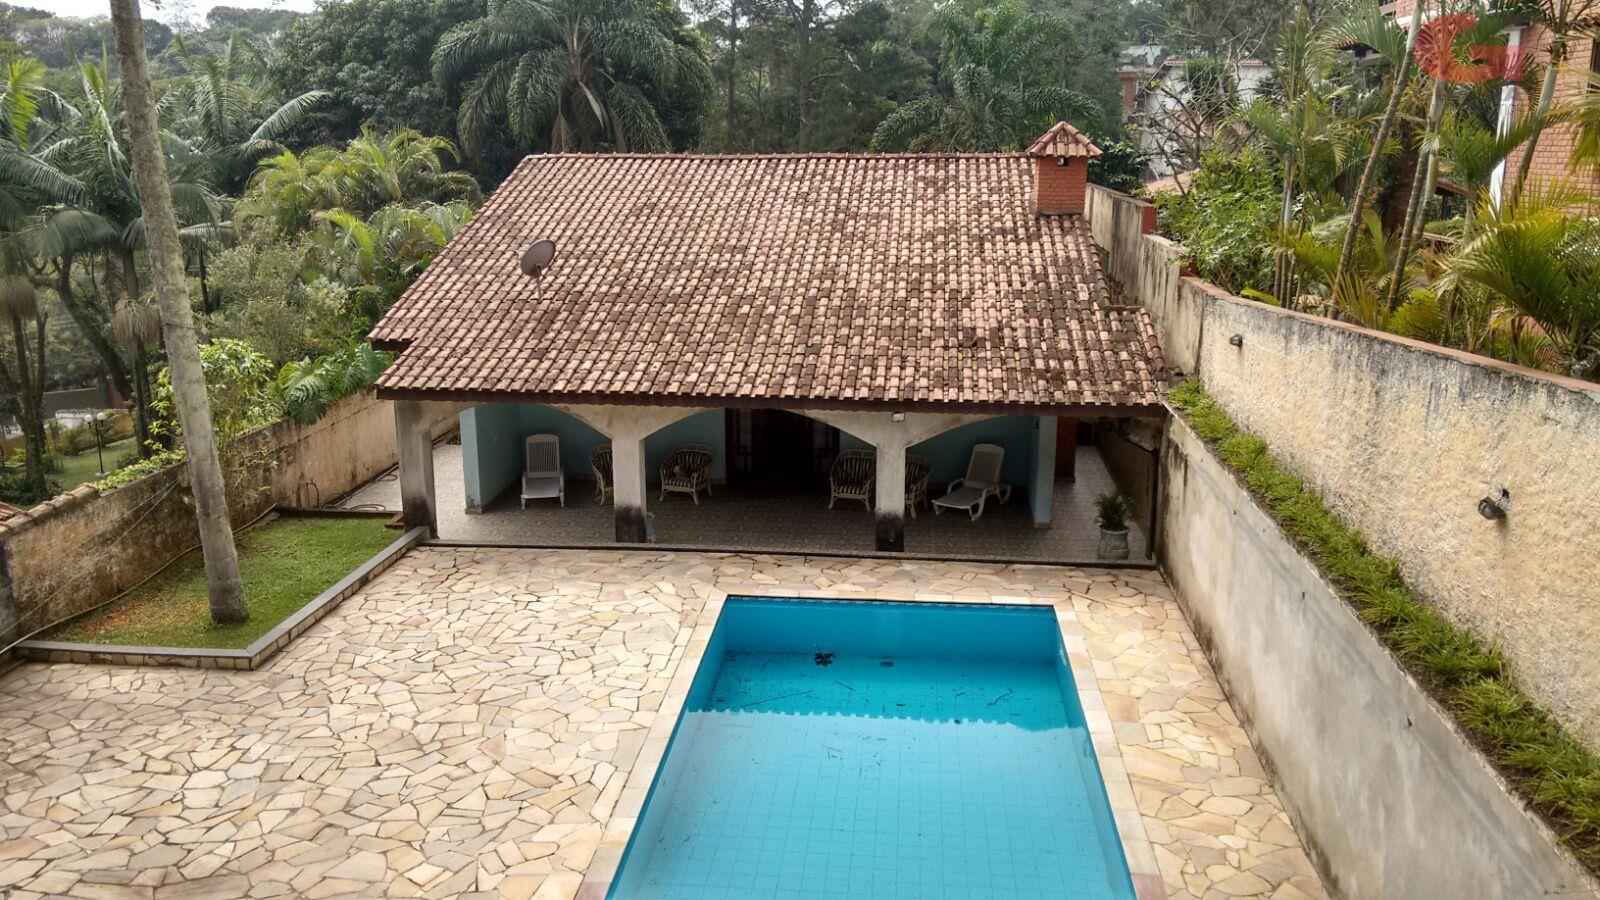 Chácara de 3 dormitórios à venda em Riacho Grande, São Bernardo Do Campo - SP